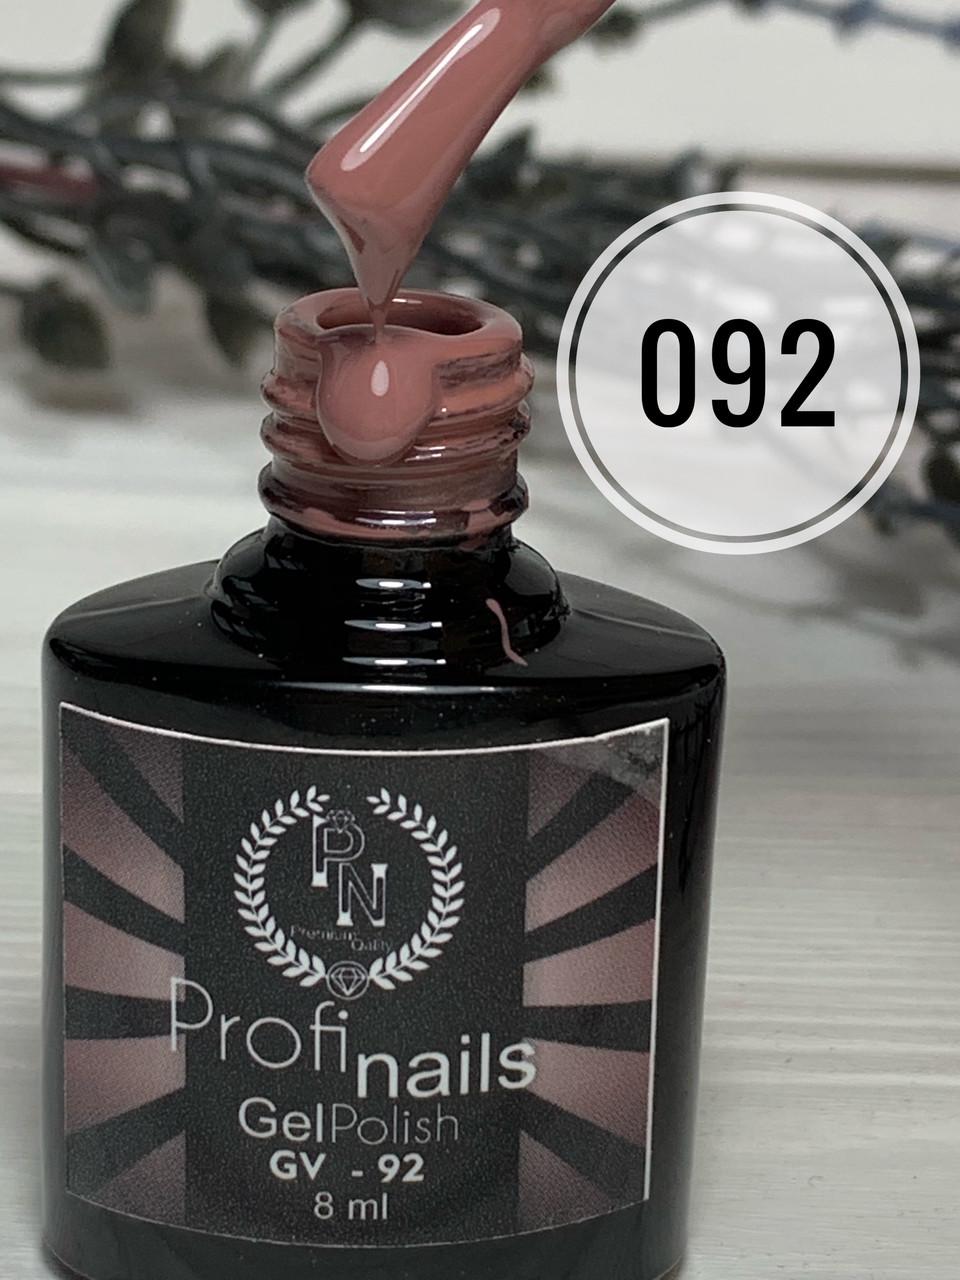 Гель лак Profi nails # 092